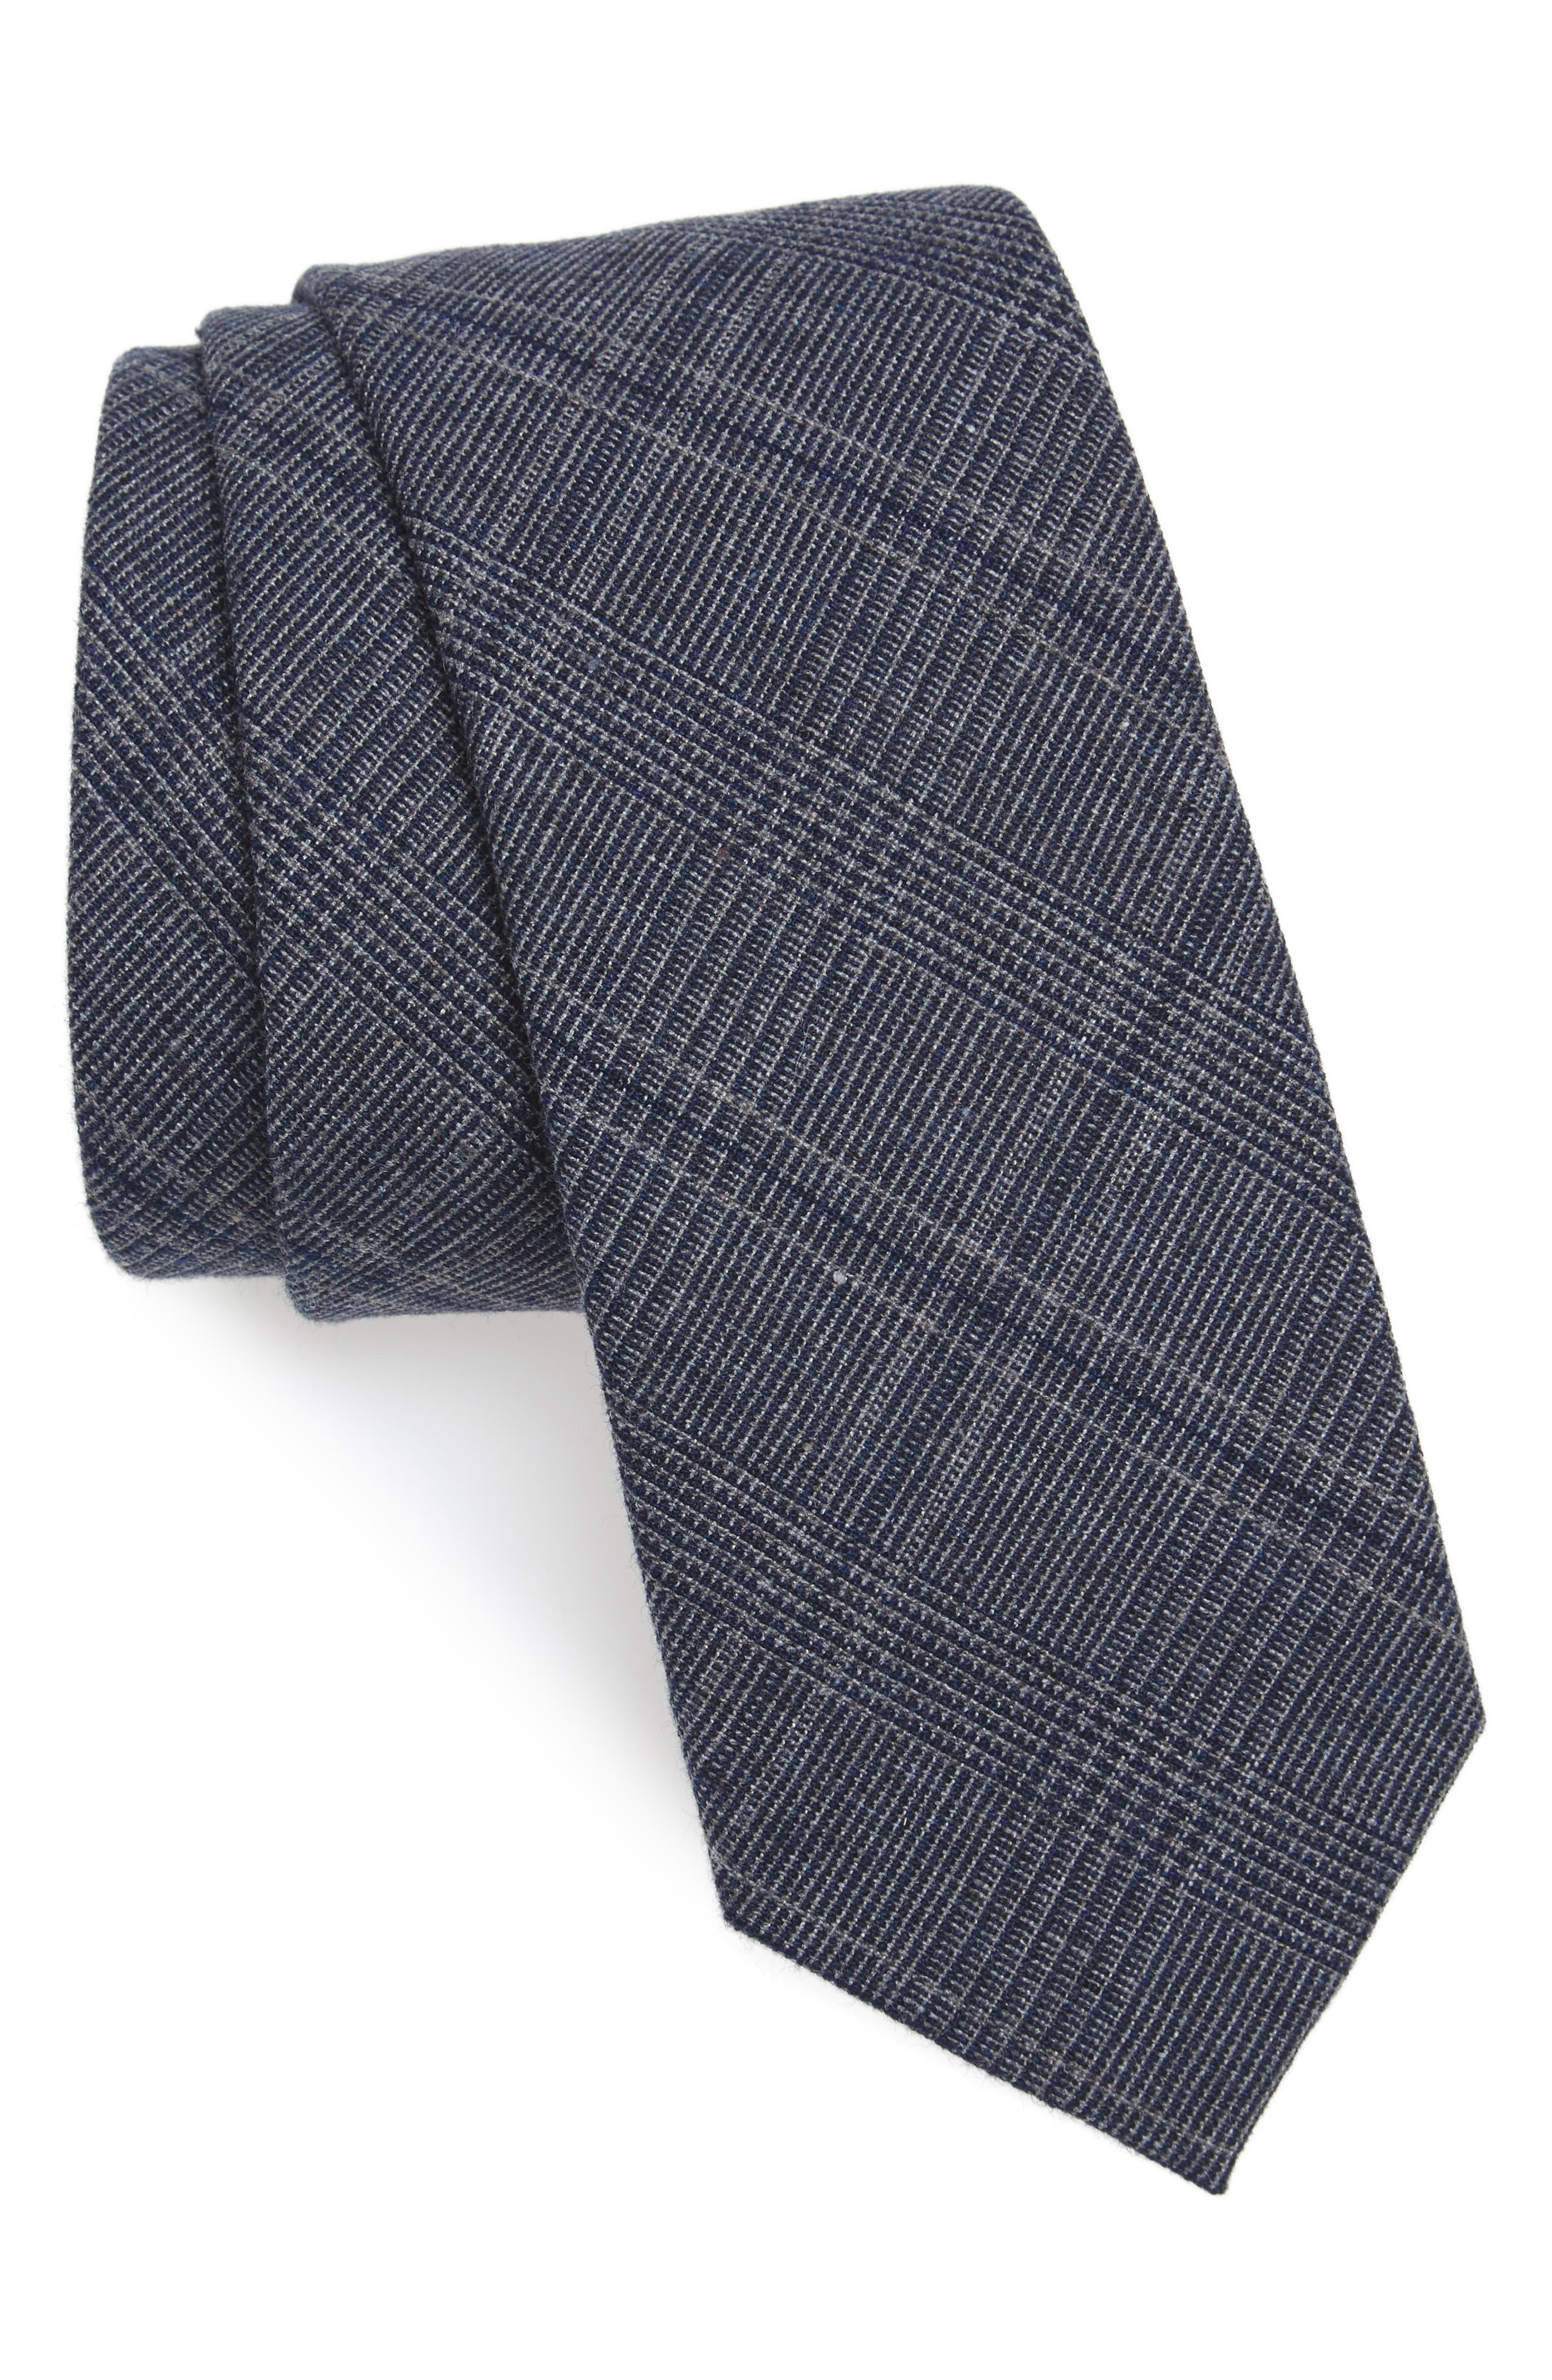 Nordstrom Men's Shop Cobble Plaid Cotton & Linen Tie